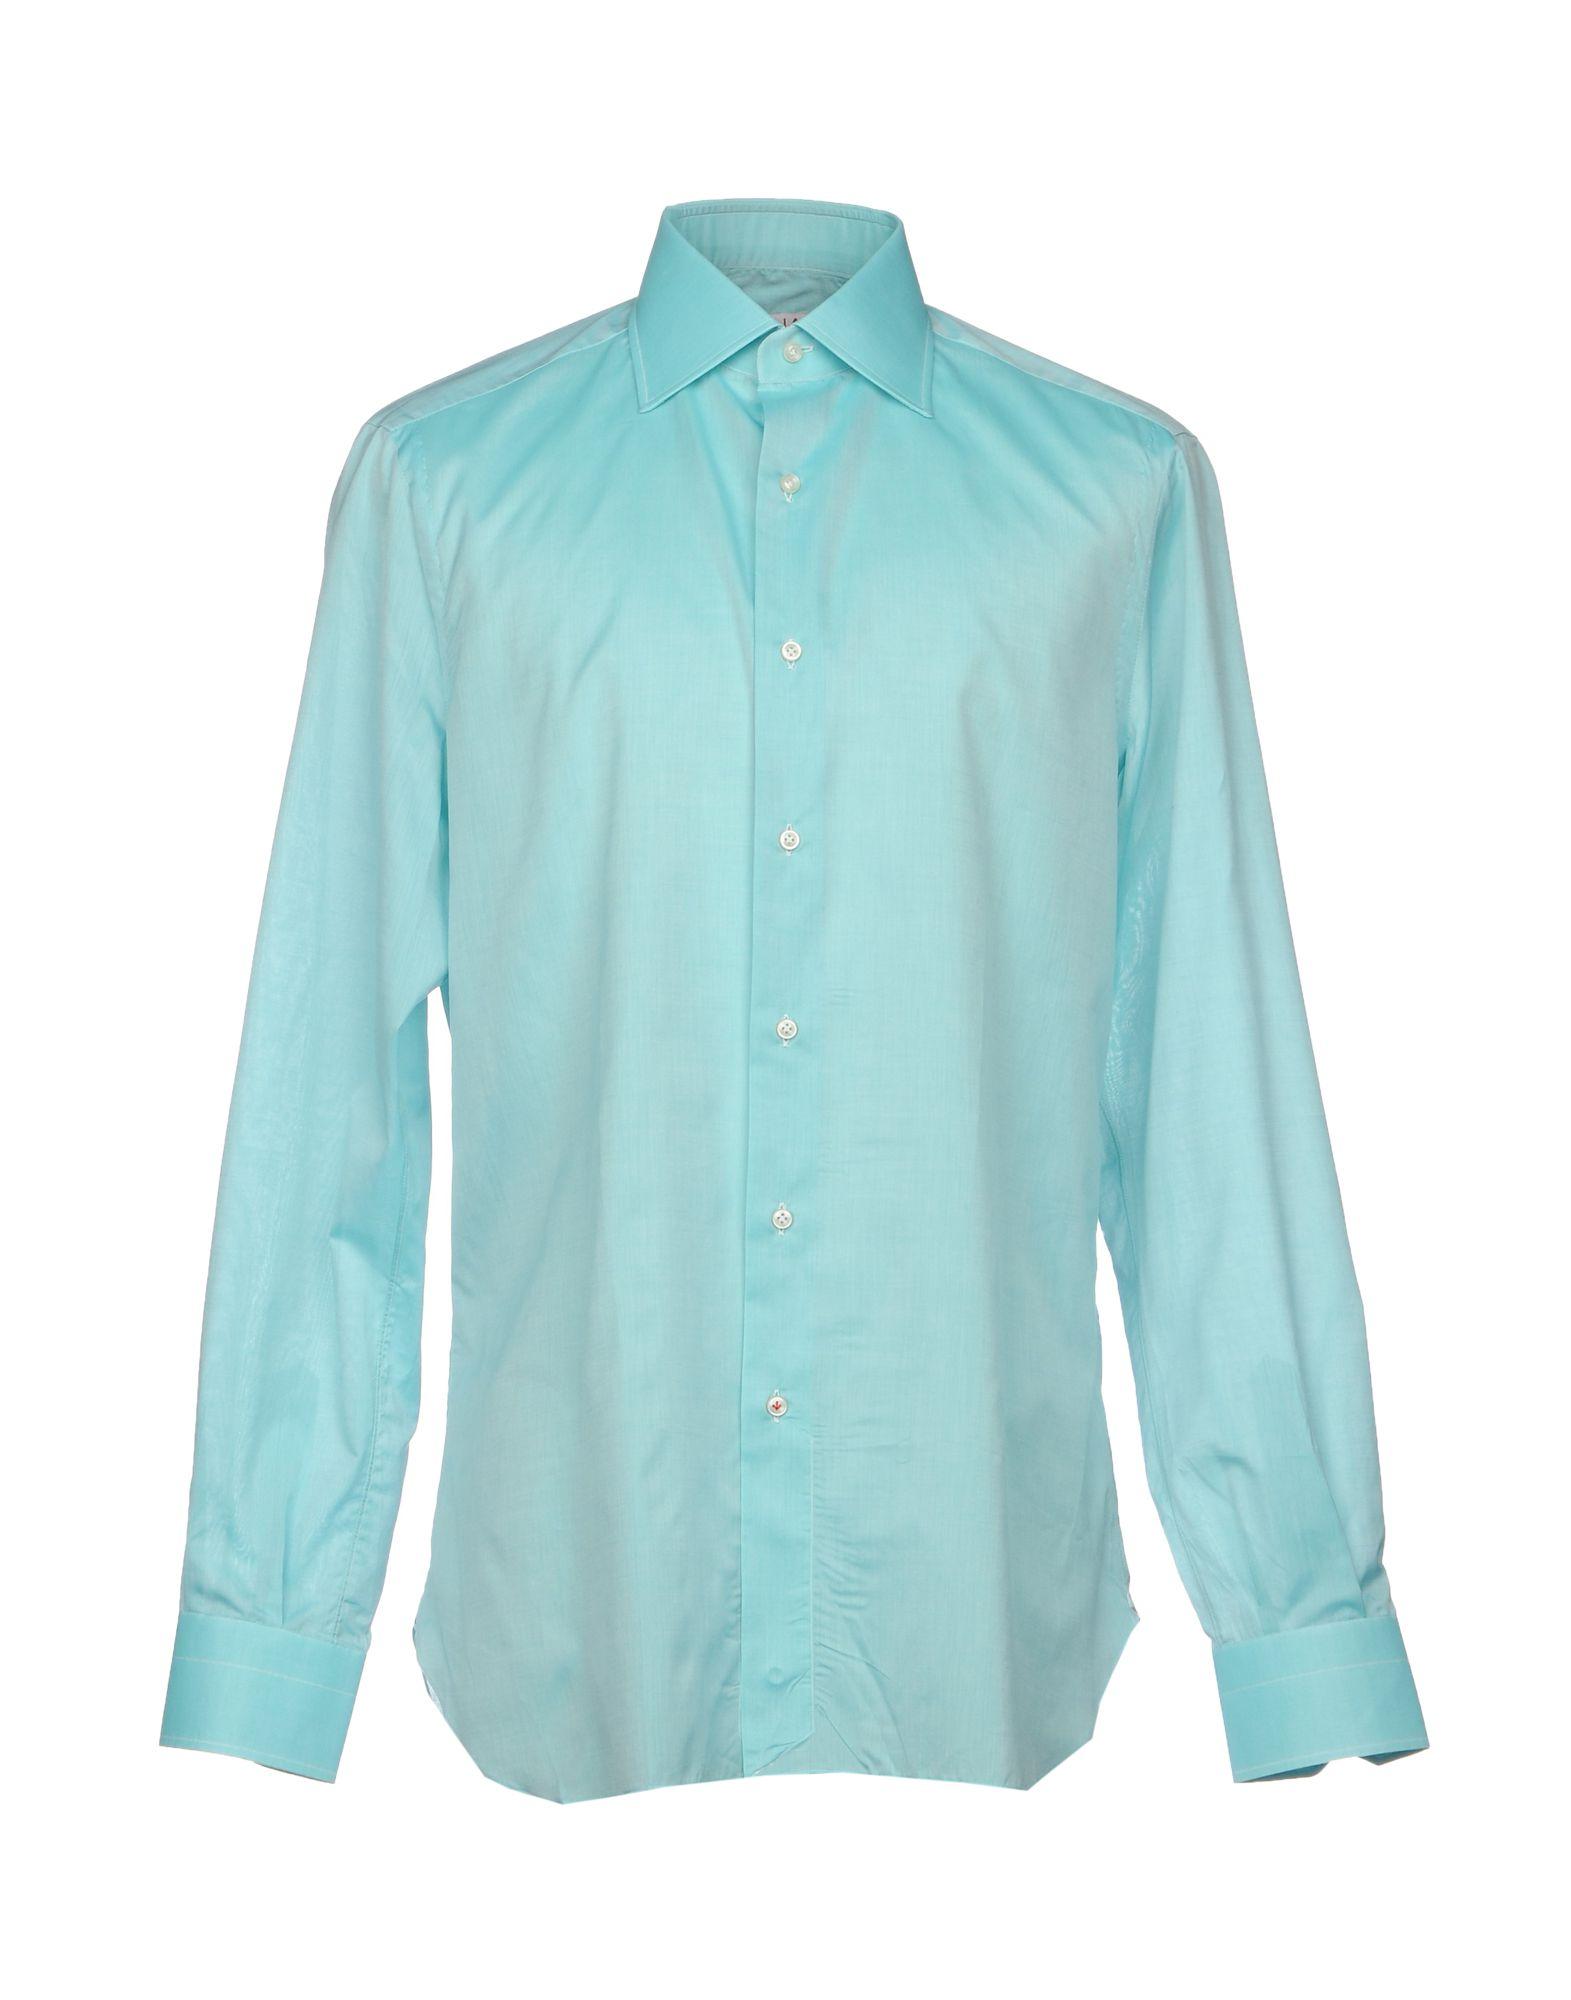 ISAIA Herren Hemd Farbe Säuregrün Größe 8